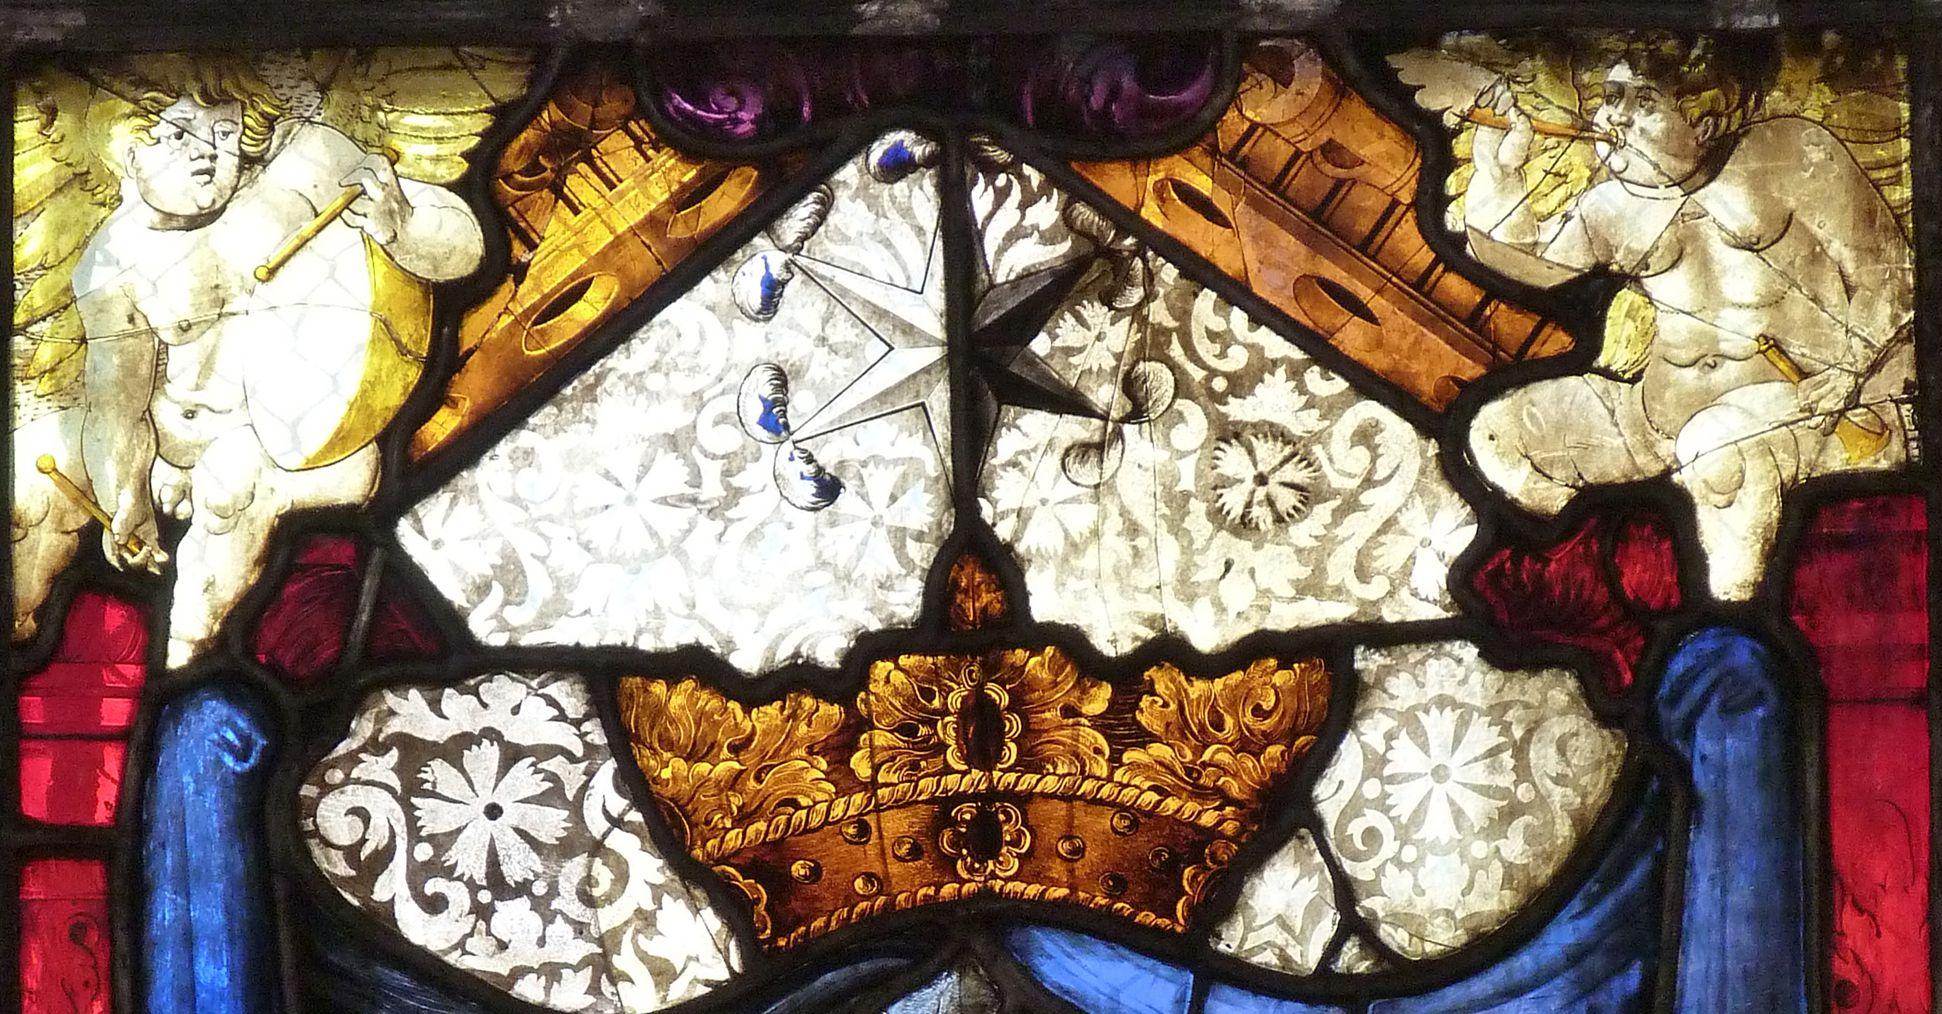 St. Bartholomäus, Chorfenster n III Geudersches Wappen, Detail, Krone, Stern und Zwickelengelchen